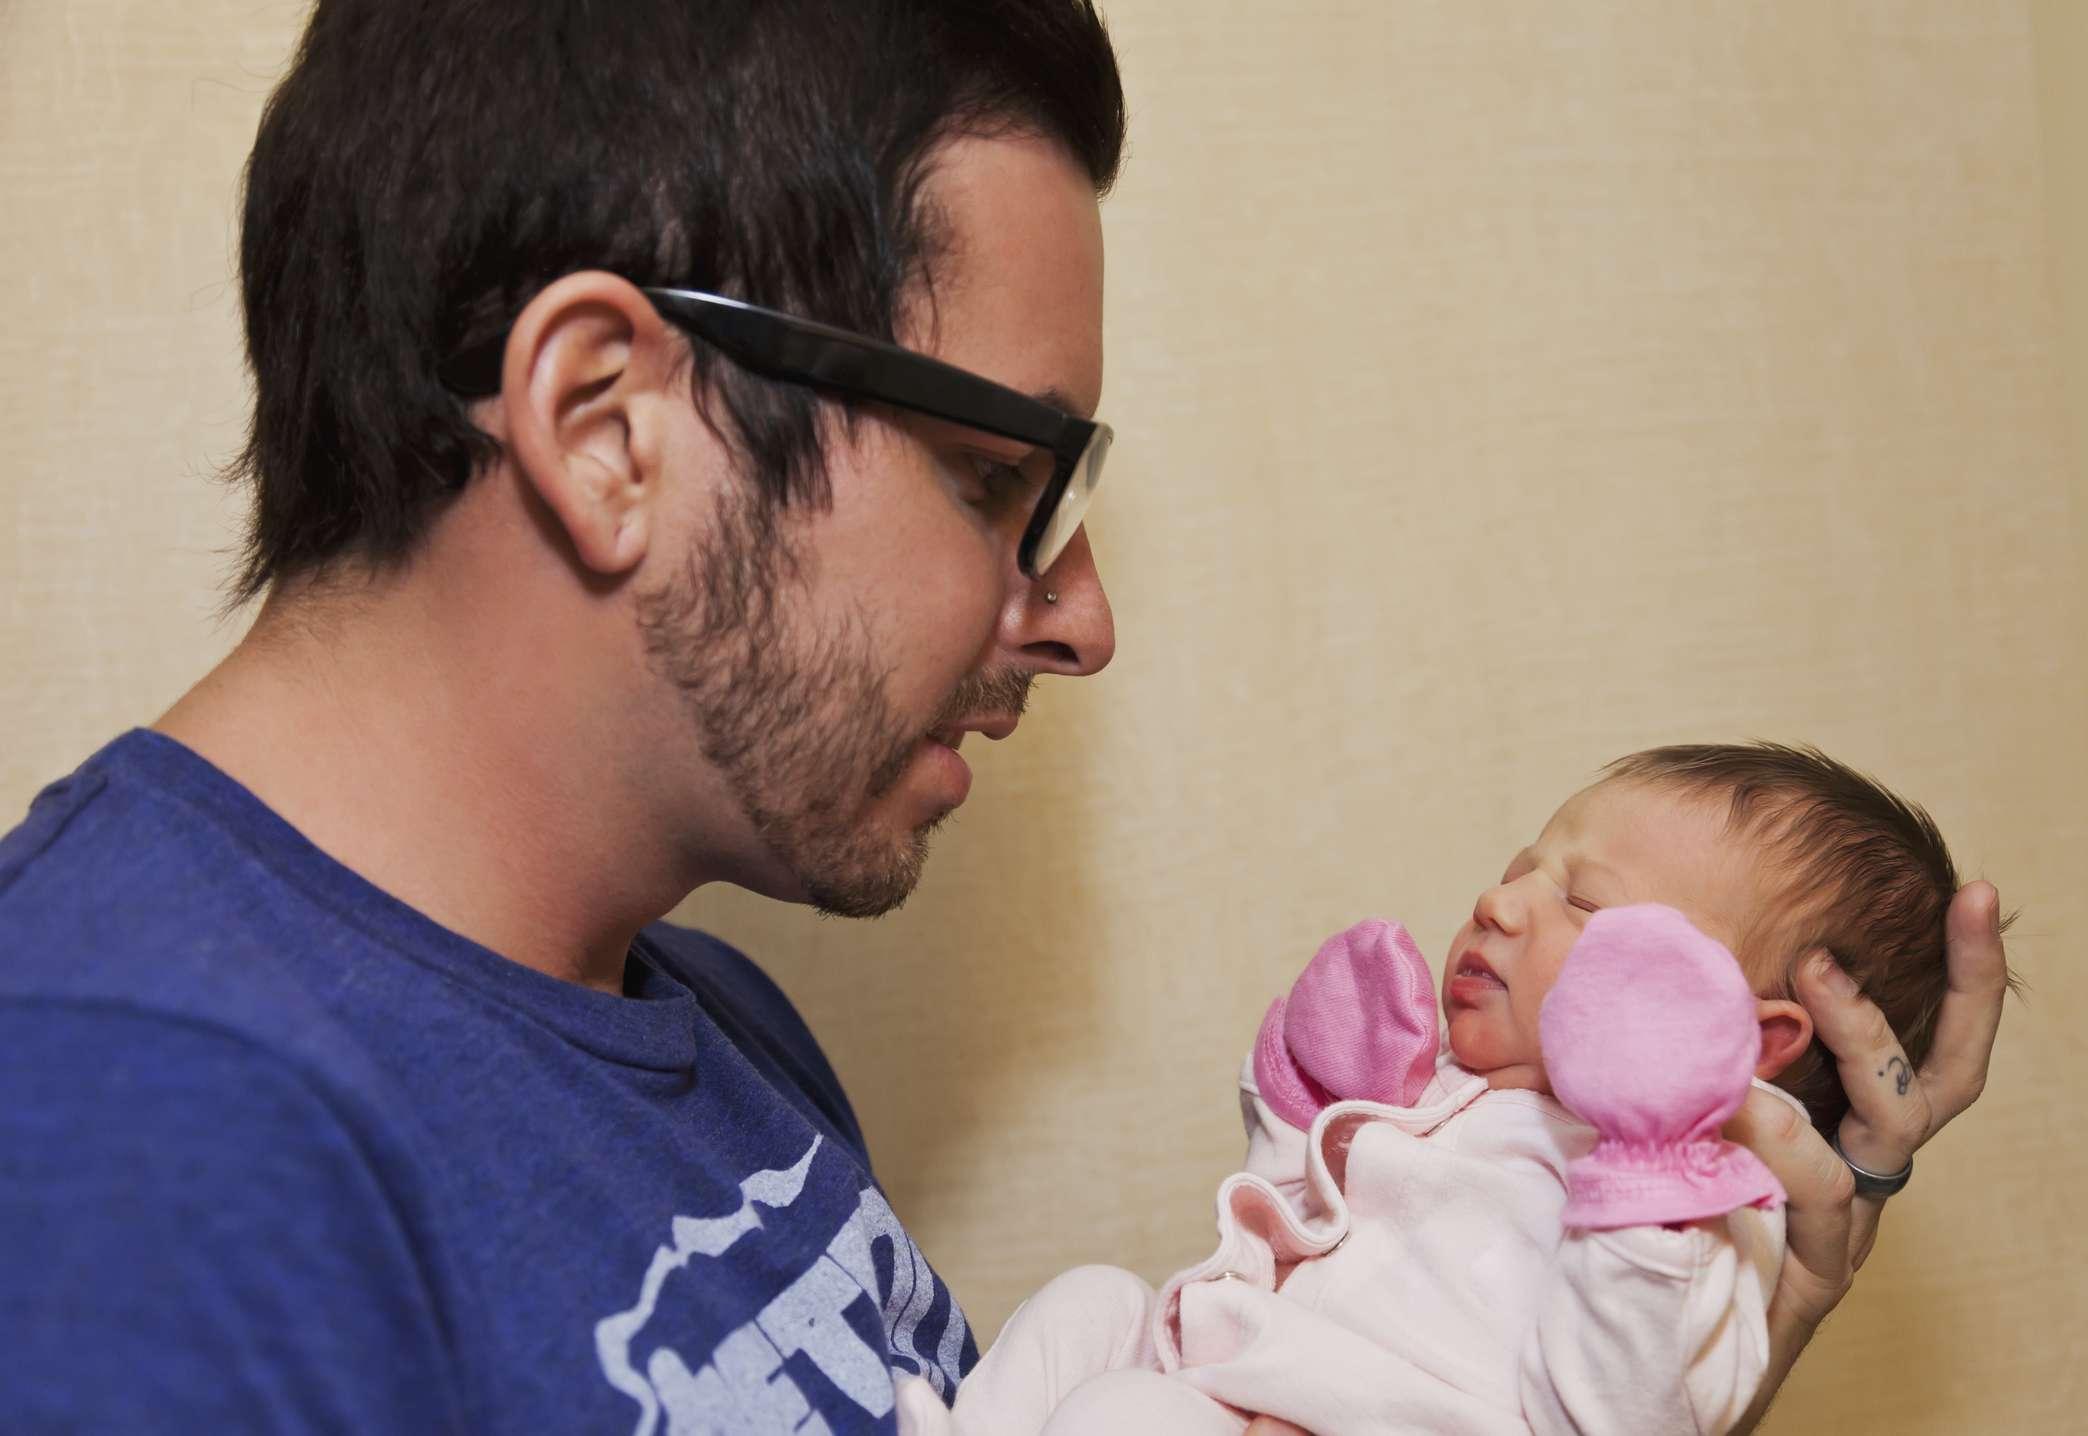 Padre sosteniendo a su hija recién nacida